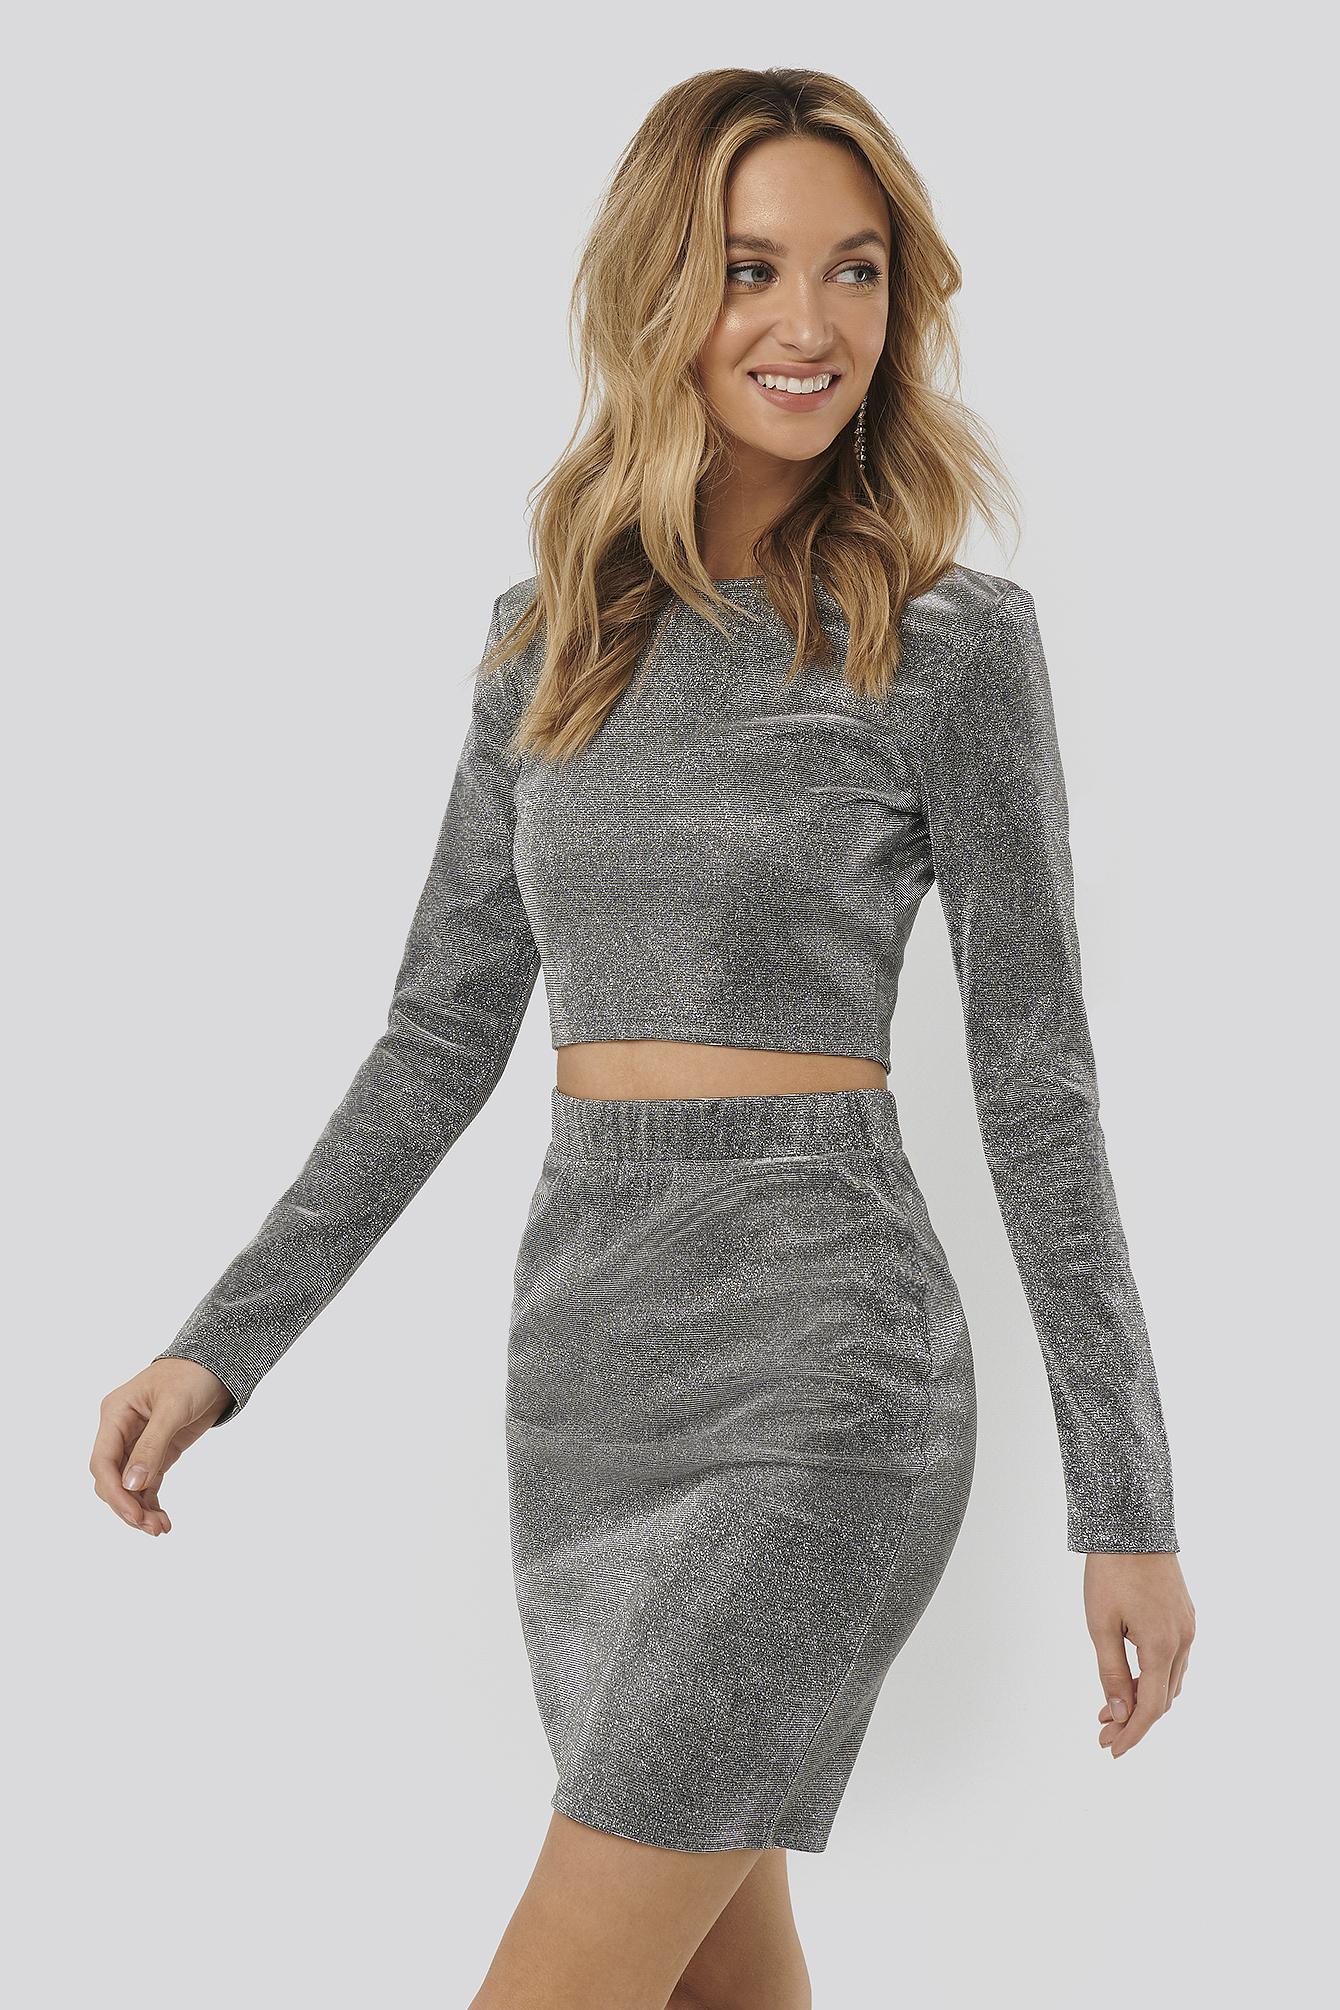 Sara Sieppi x NA-KD Glittery Mini Skirt - Silver